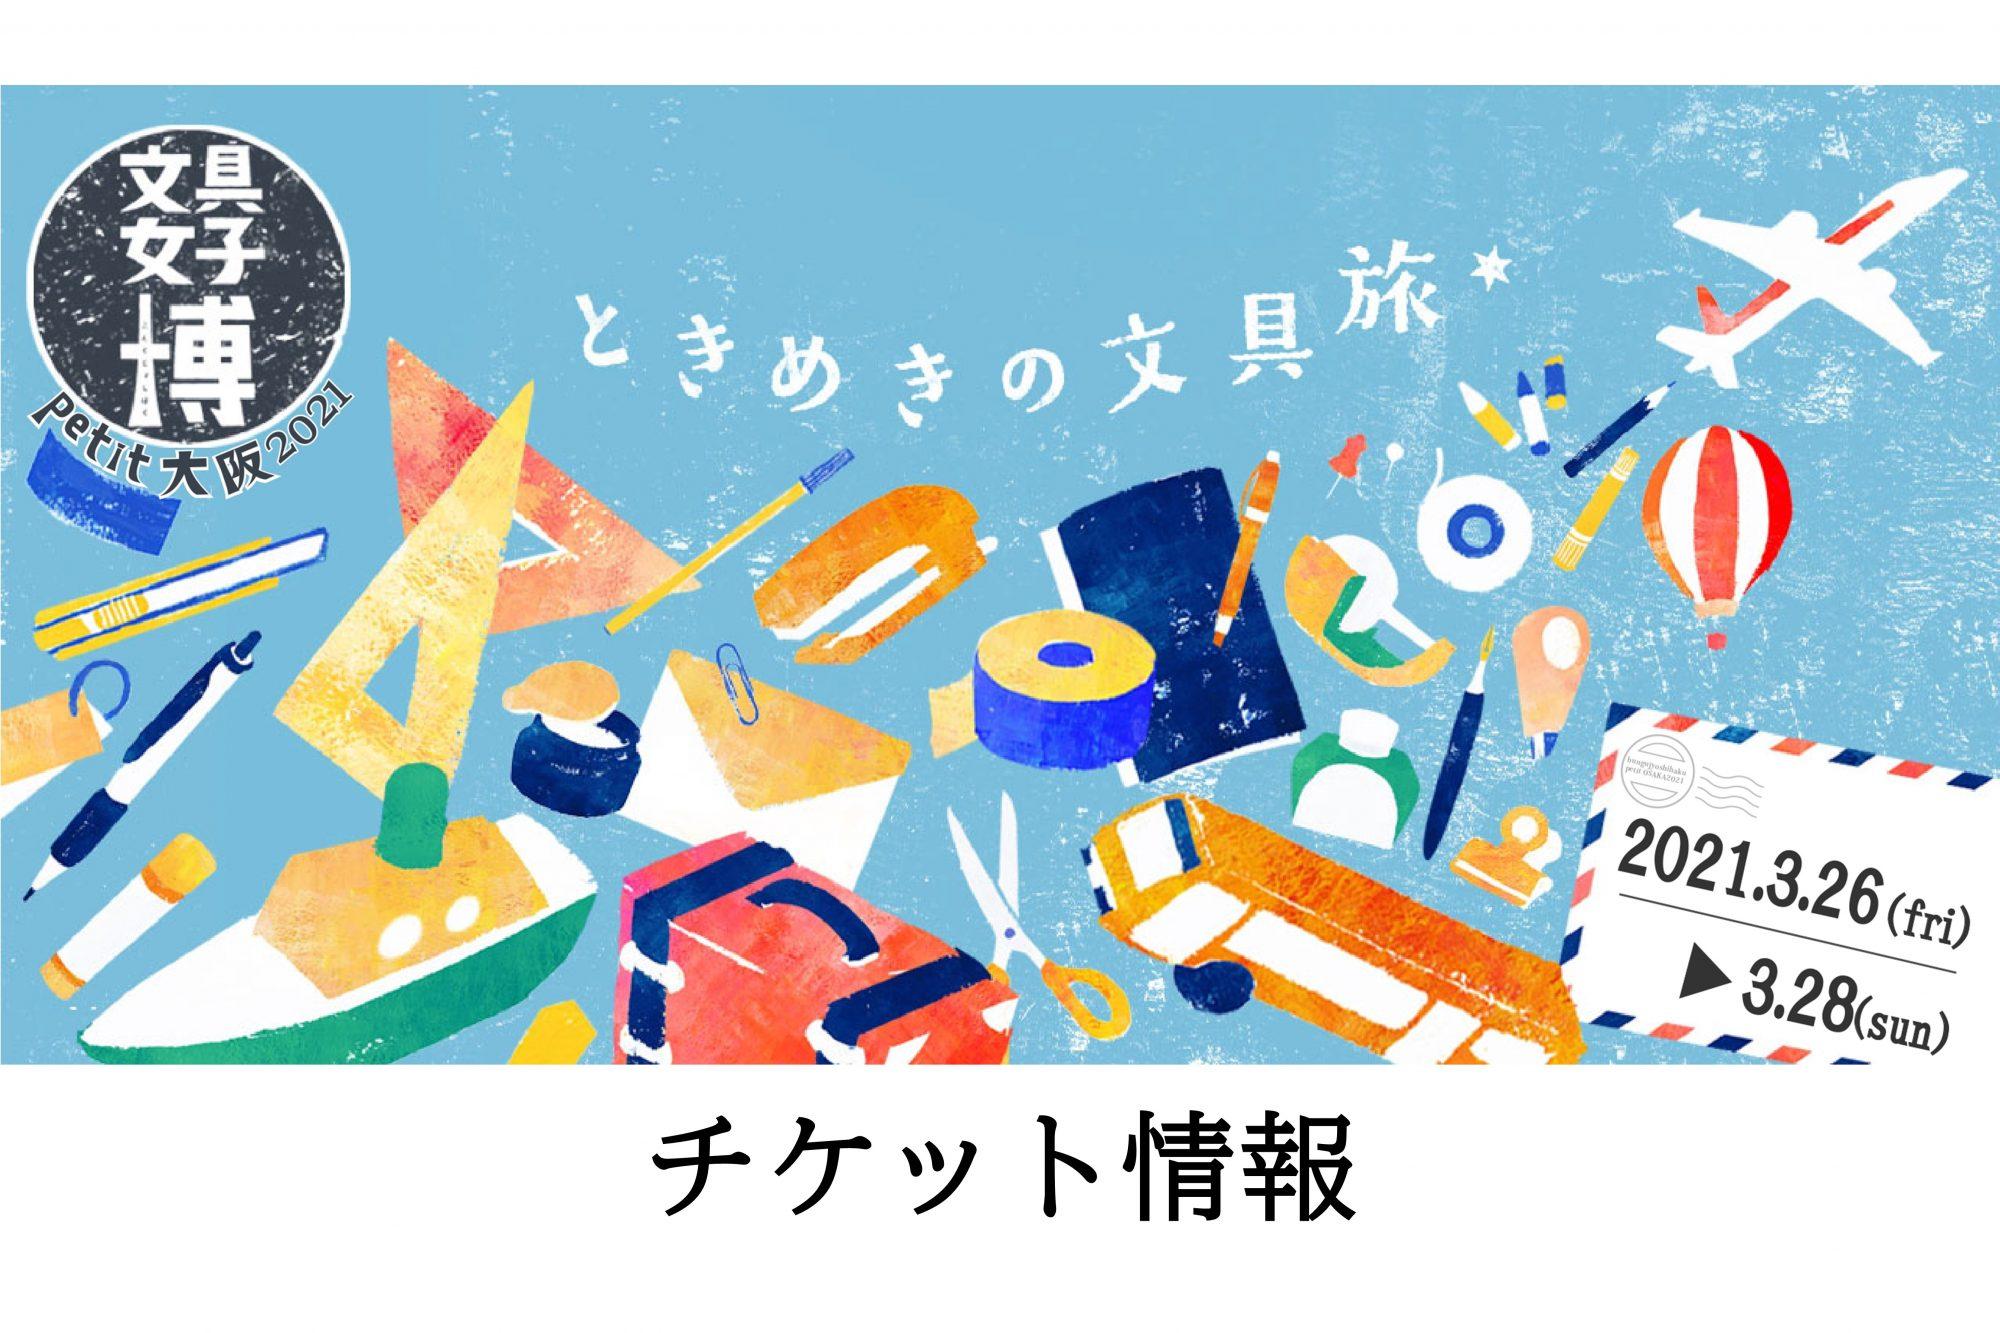 【文具女子博petit大阪2021】チケット情報/入場方法について